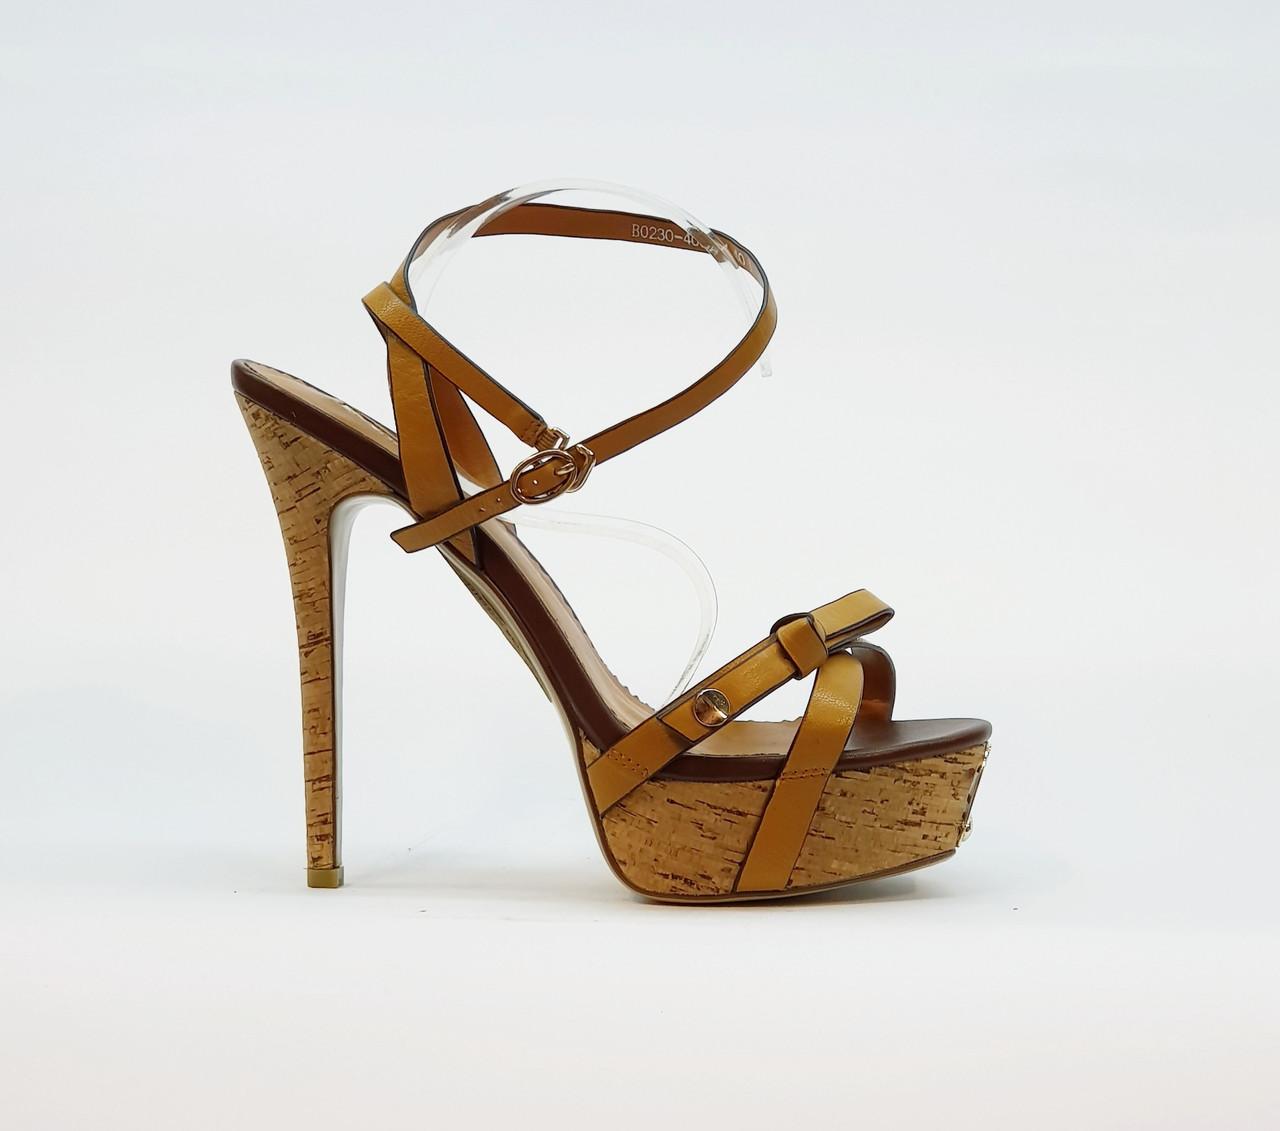 Босоножки женские из натуральной кожи на высоком каблуке шпилька и платформе коричневые 40